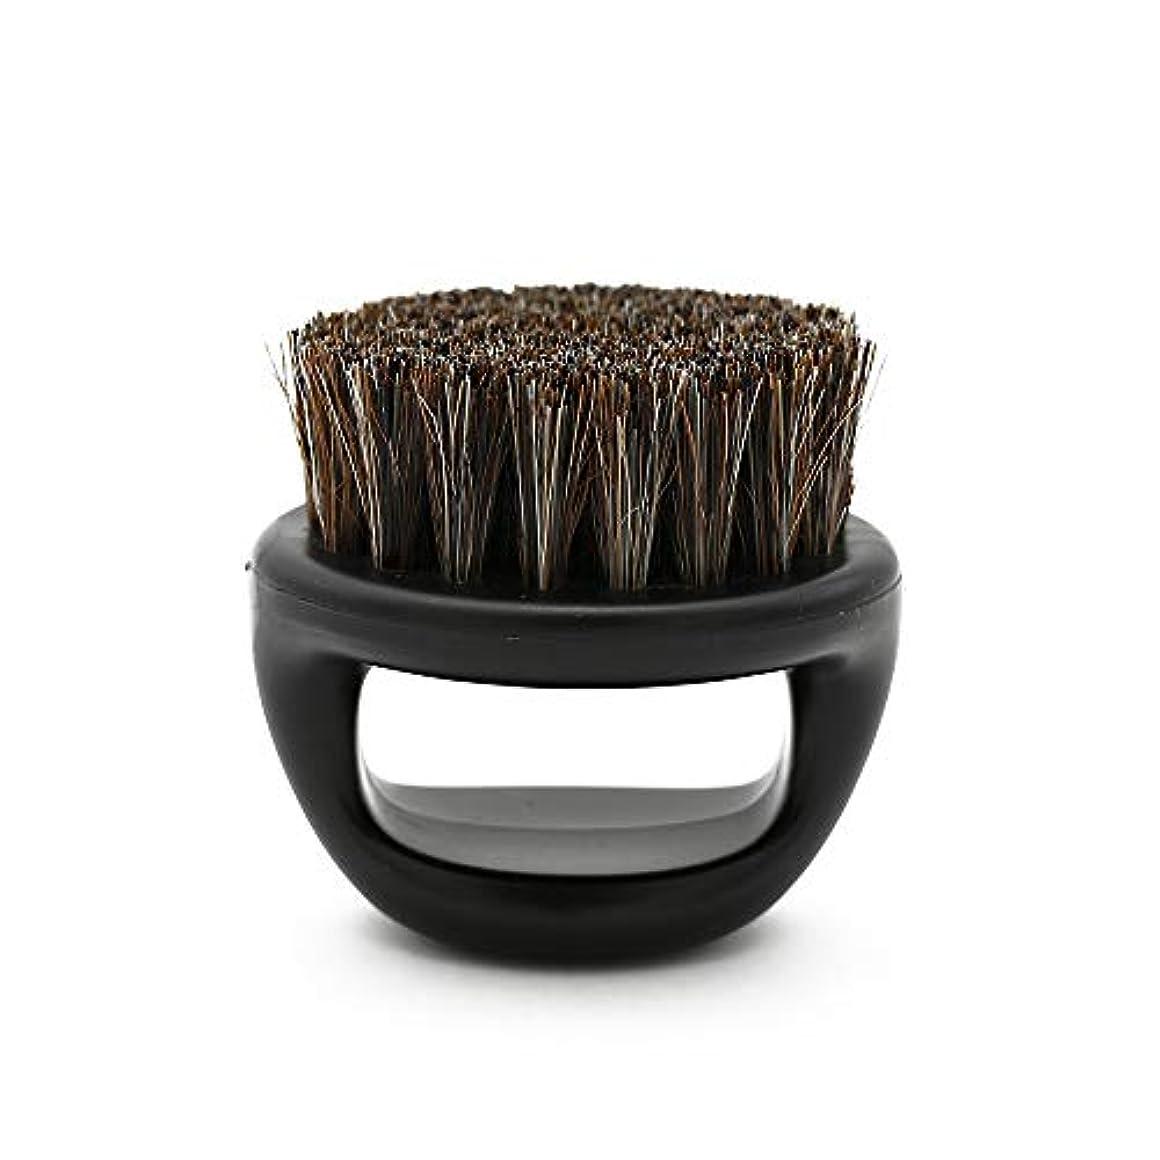 従順スペース哲学者CUHAWUDBA 1個リングデザイン馬毛メンズシェービングブラシプラスチック製の可搬式理容ひげブラシサロンフェイスクリーニングかみそりブラシ(ブラック)